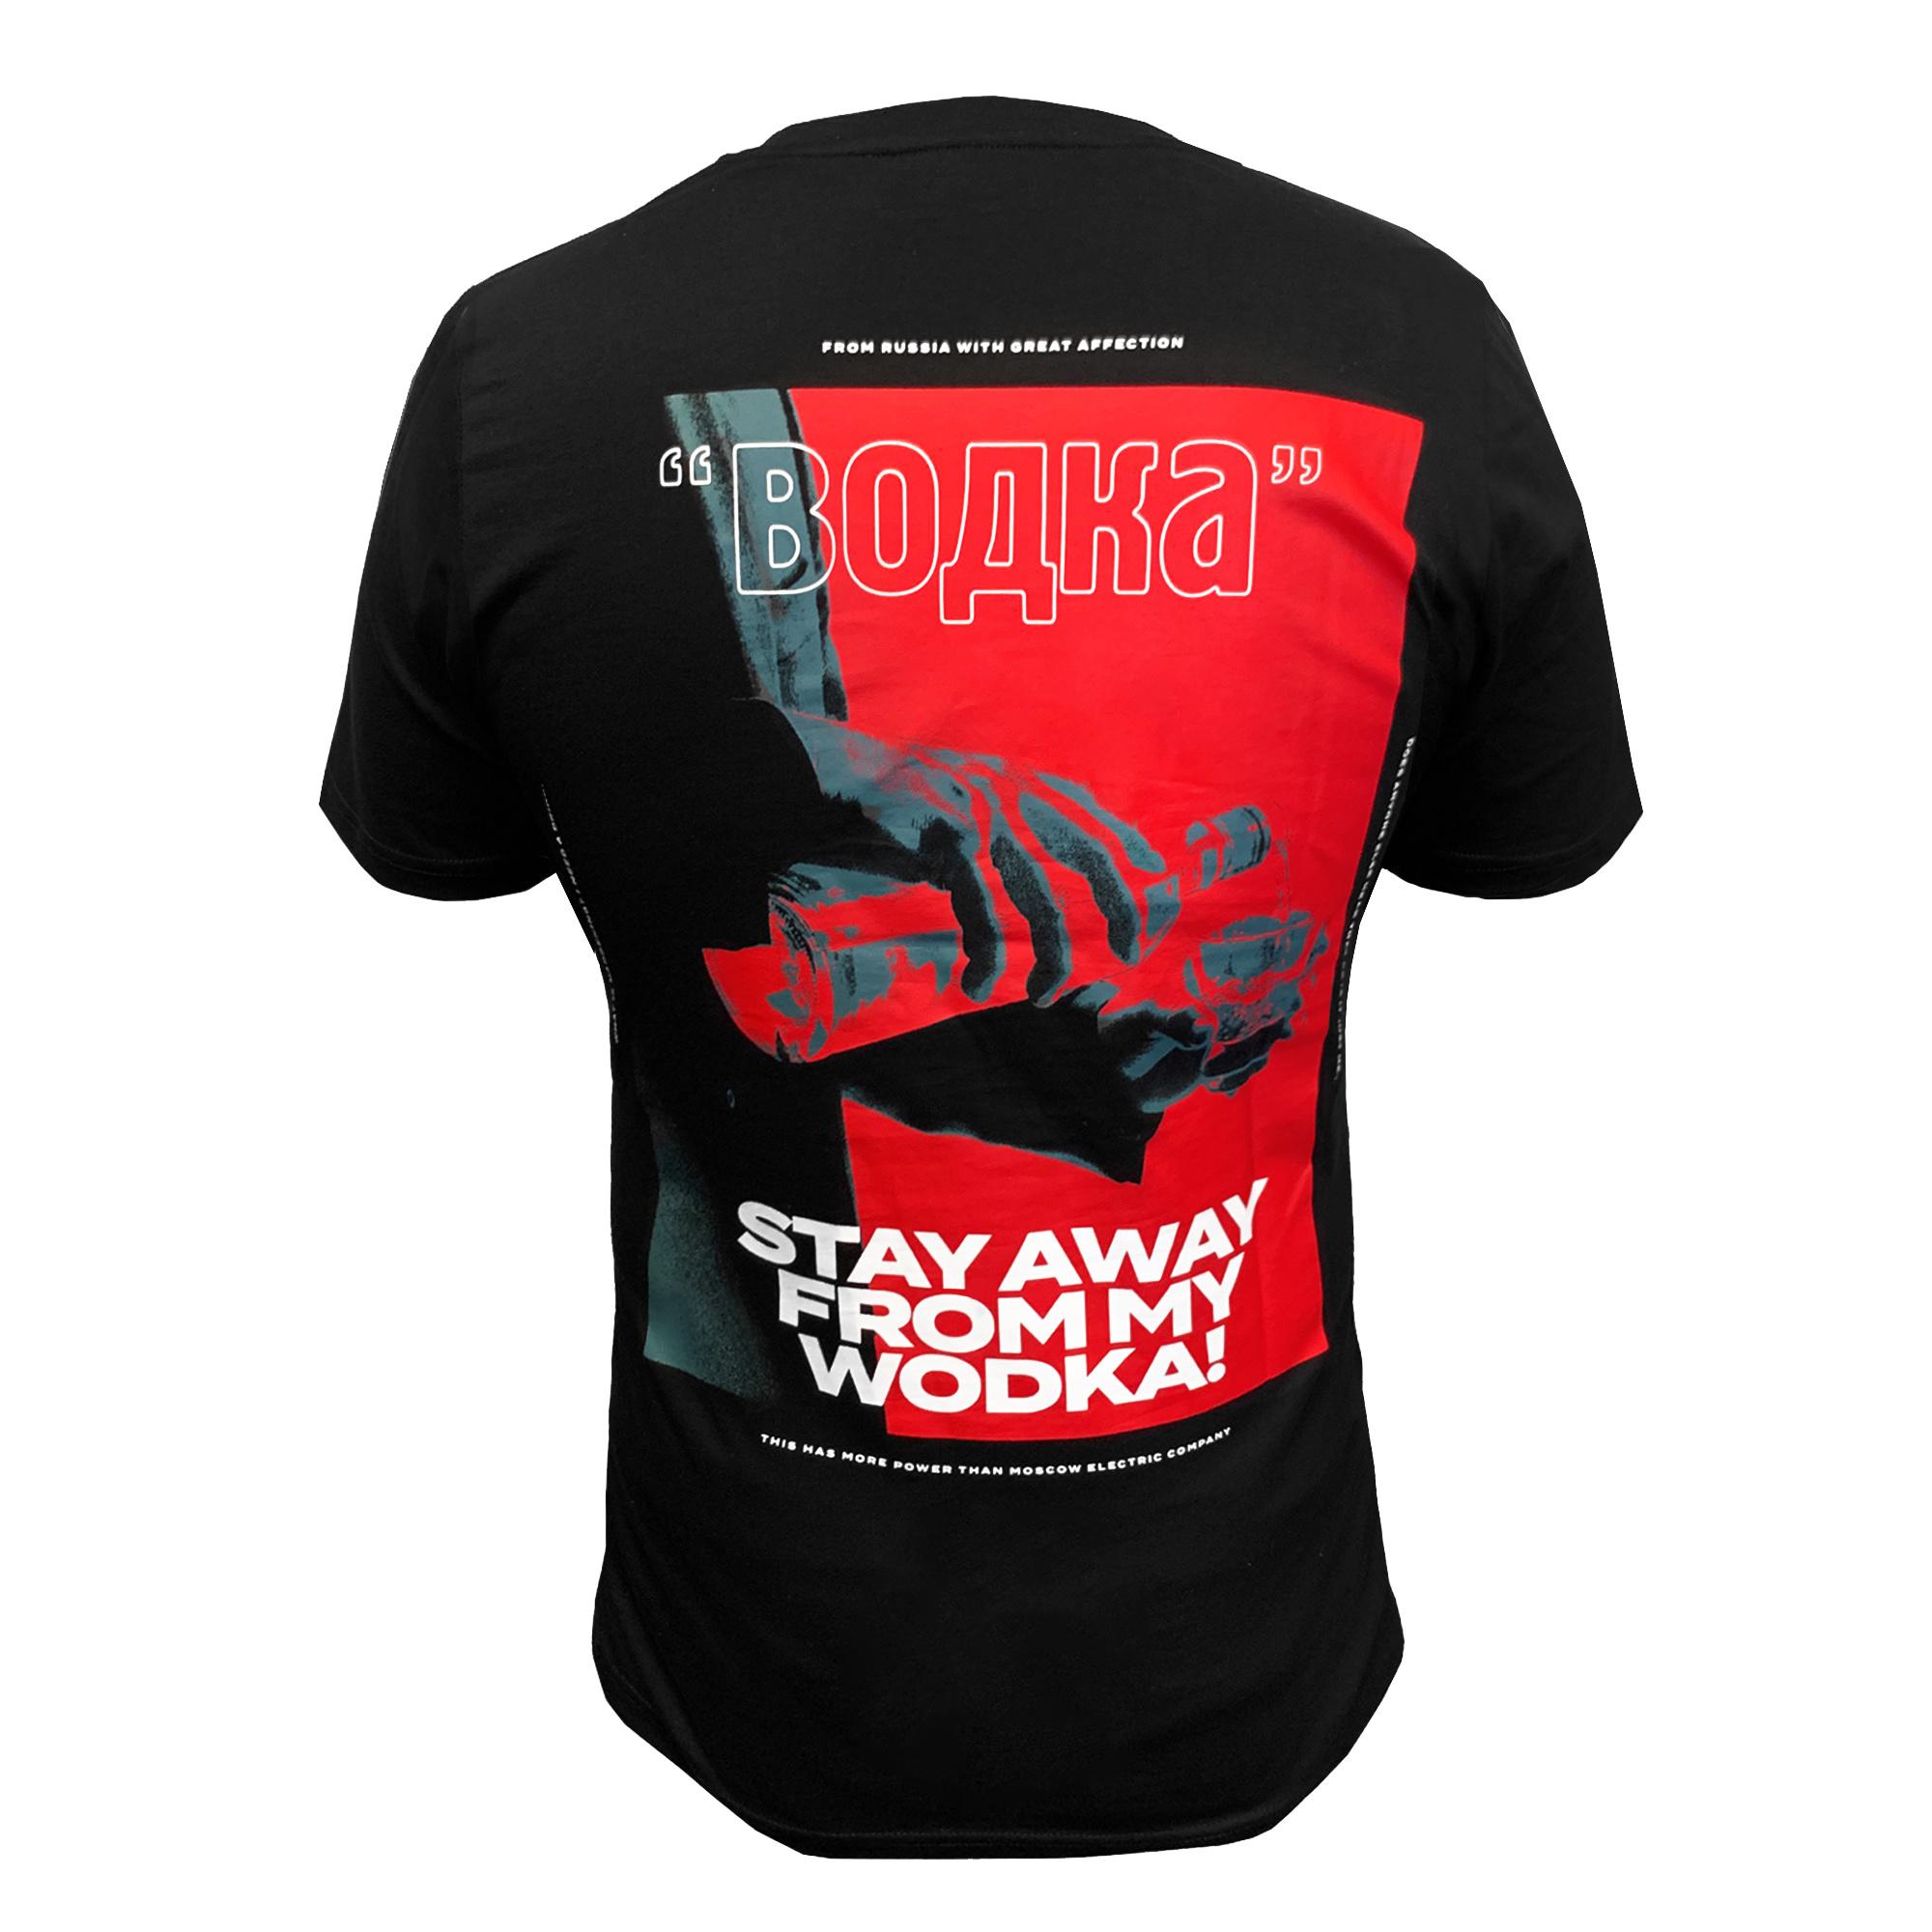 Premium Wodka T-shirt II